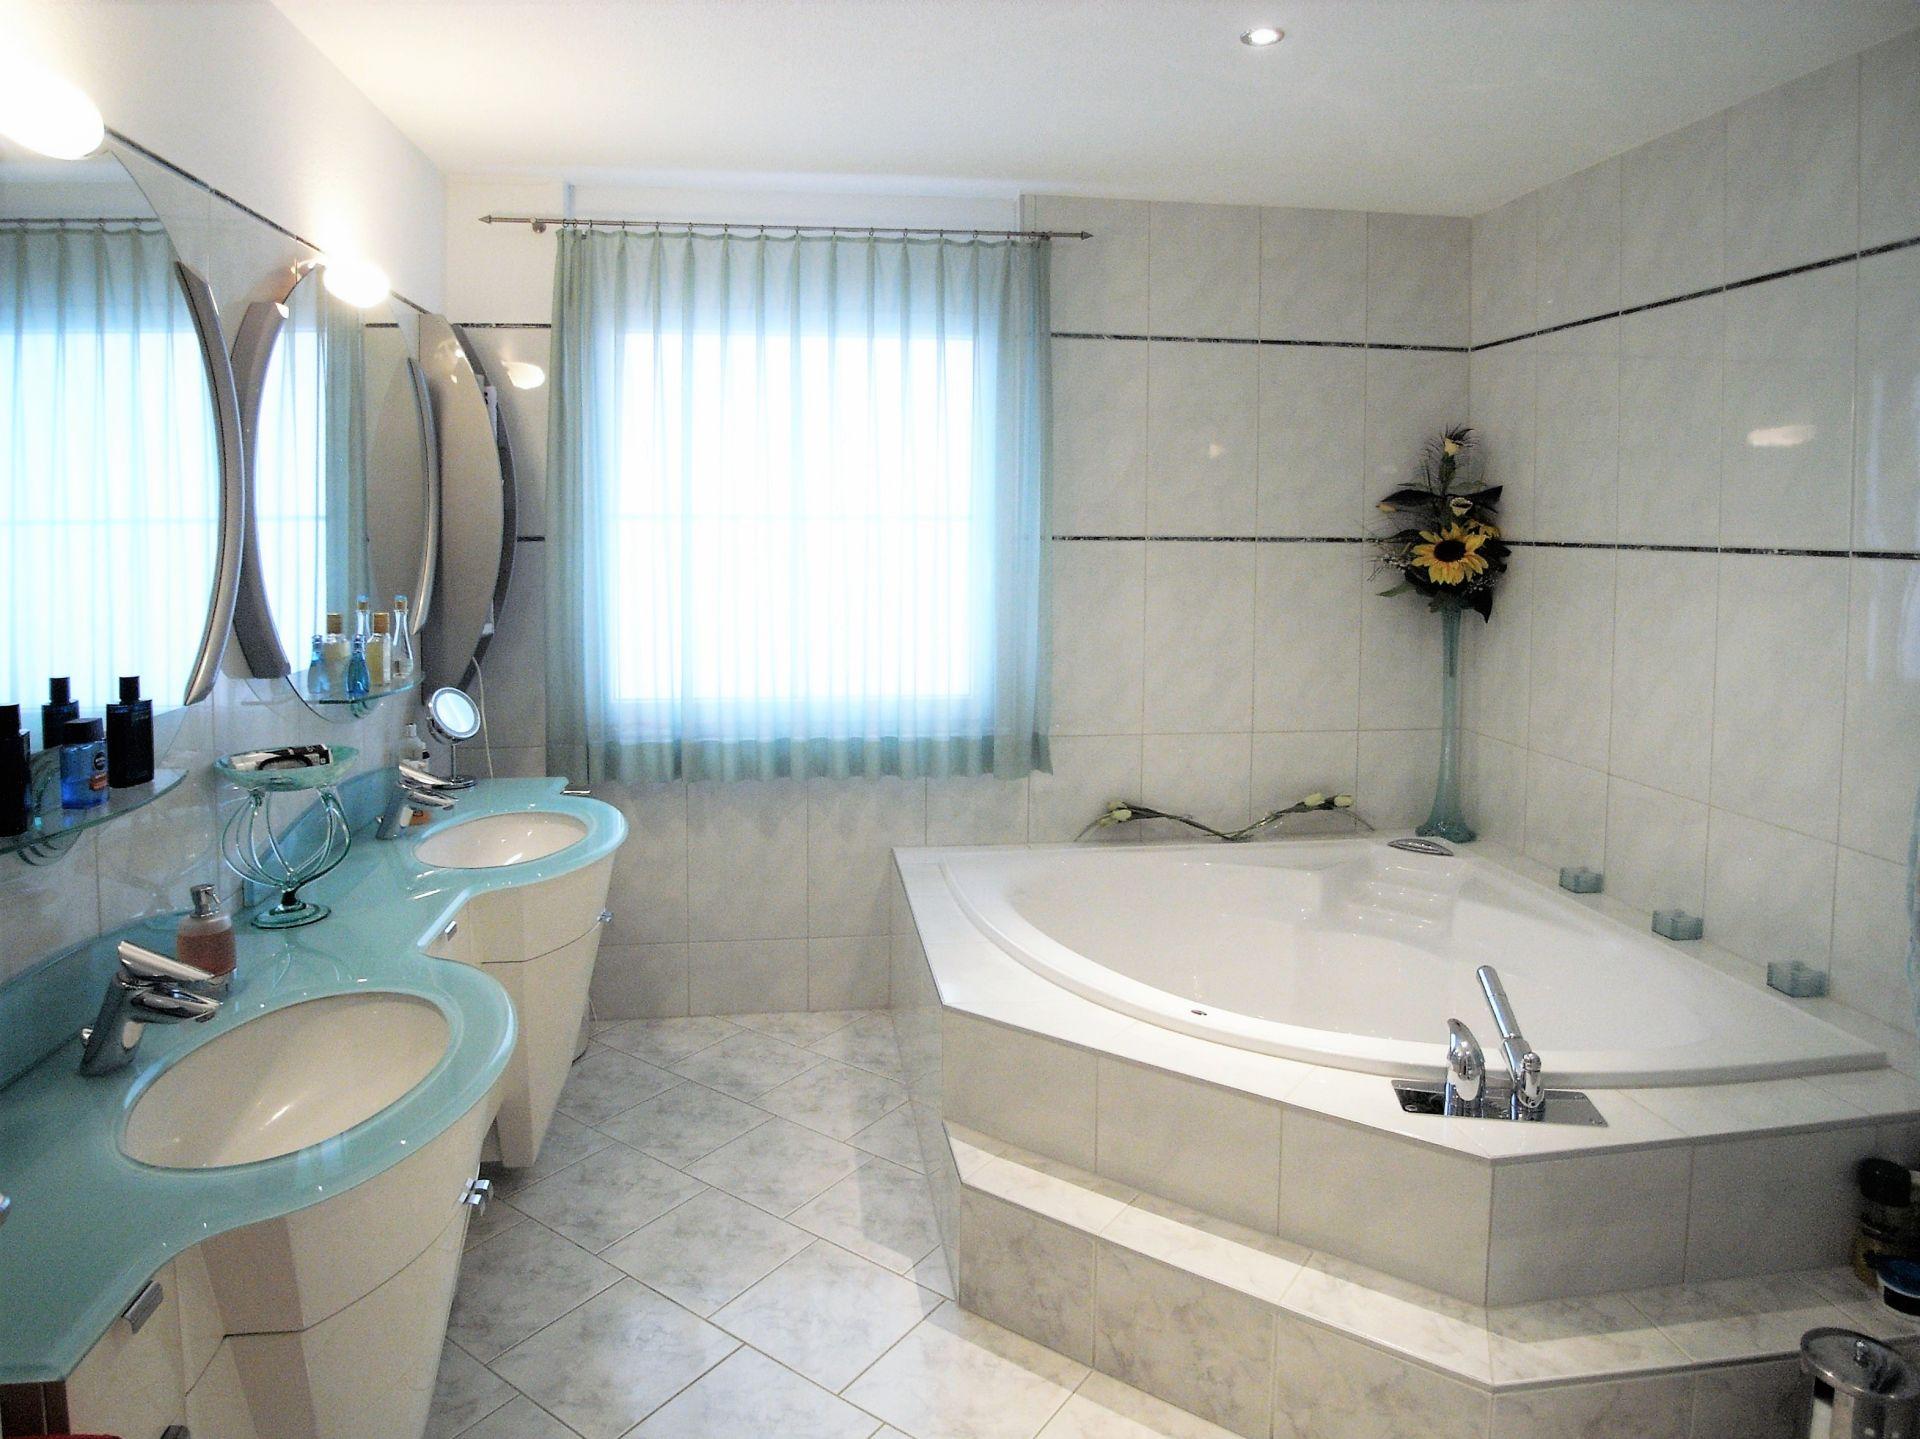 Nasszelle mit WC, Doppellavabo, Eckwanne und Dusche